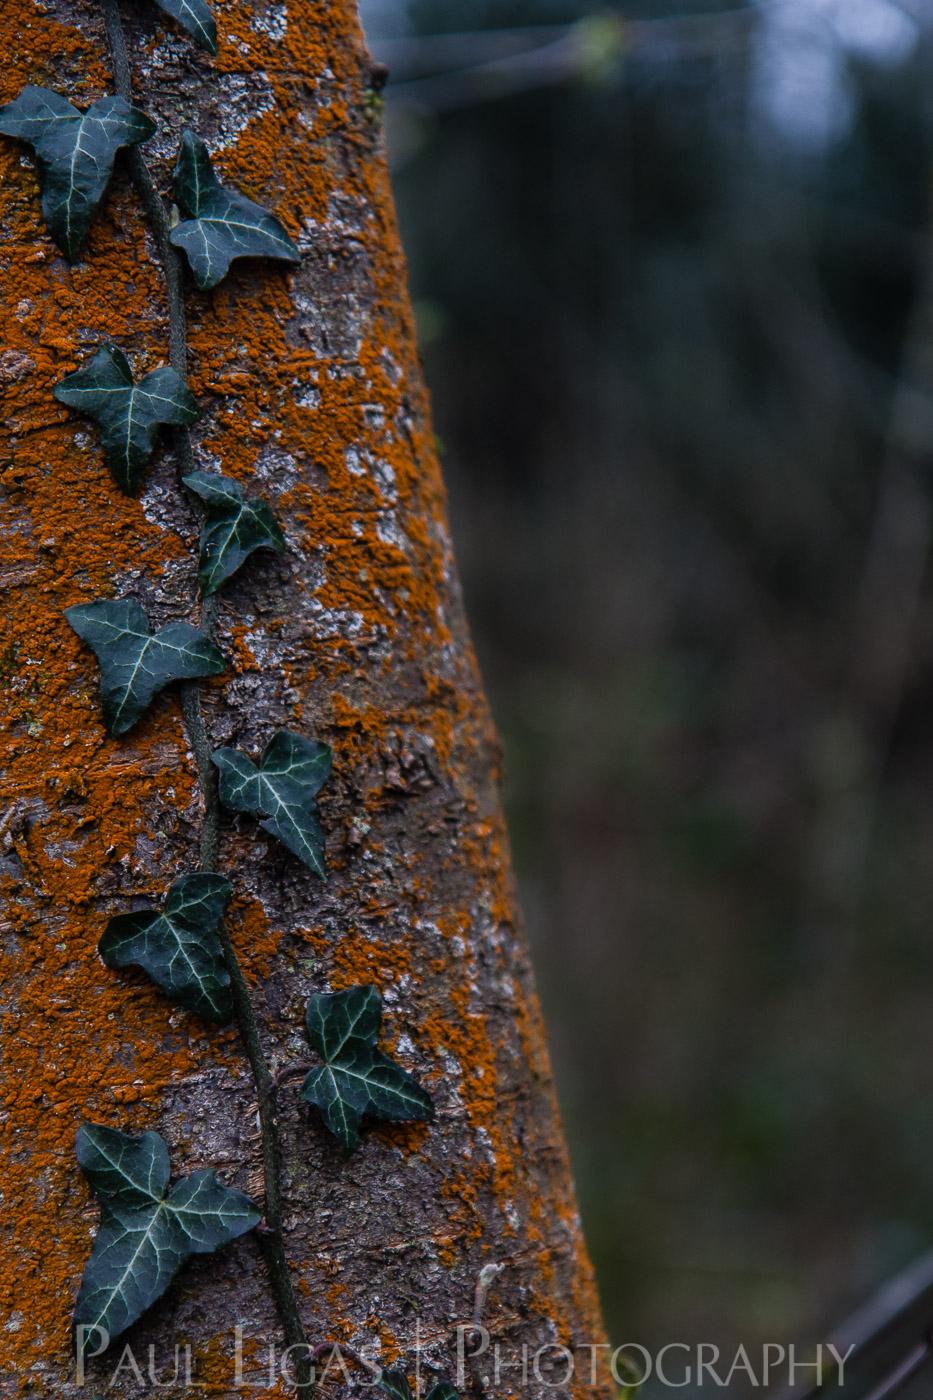 Dog Hill Wood, Ledbury, Herefordshire nature photographer photography landscape 6991